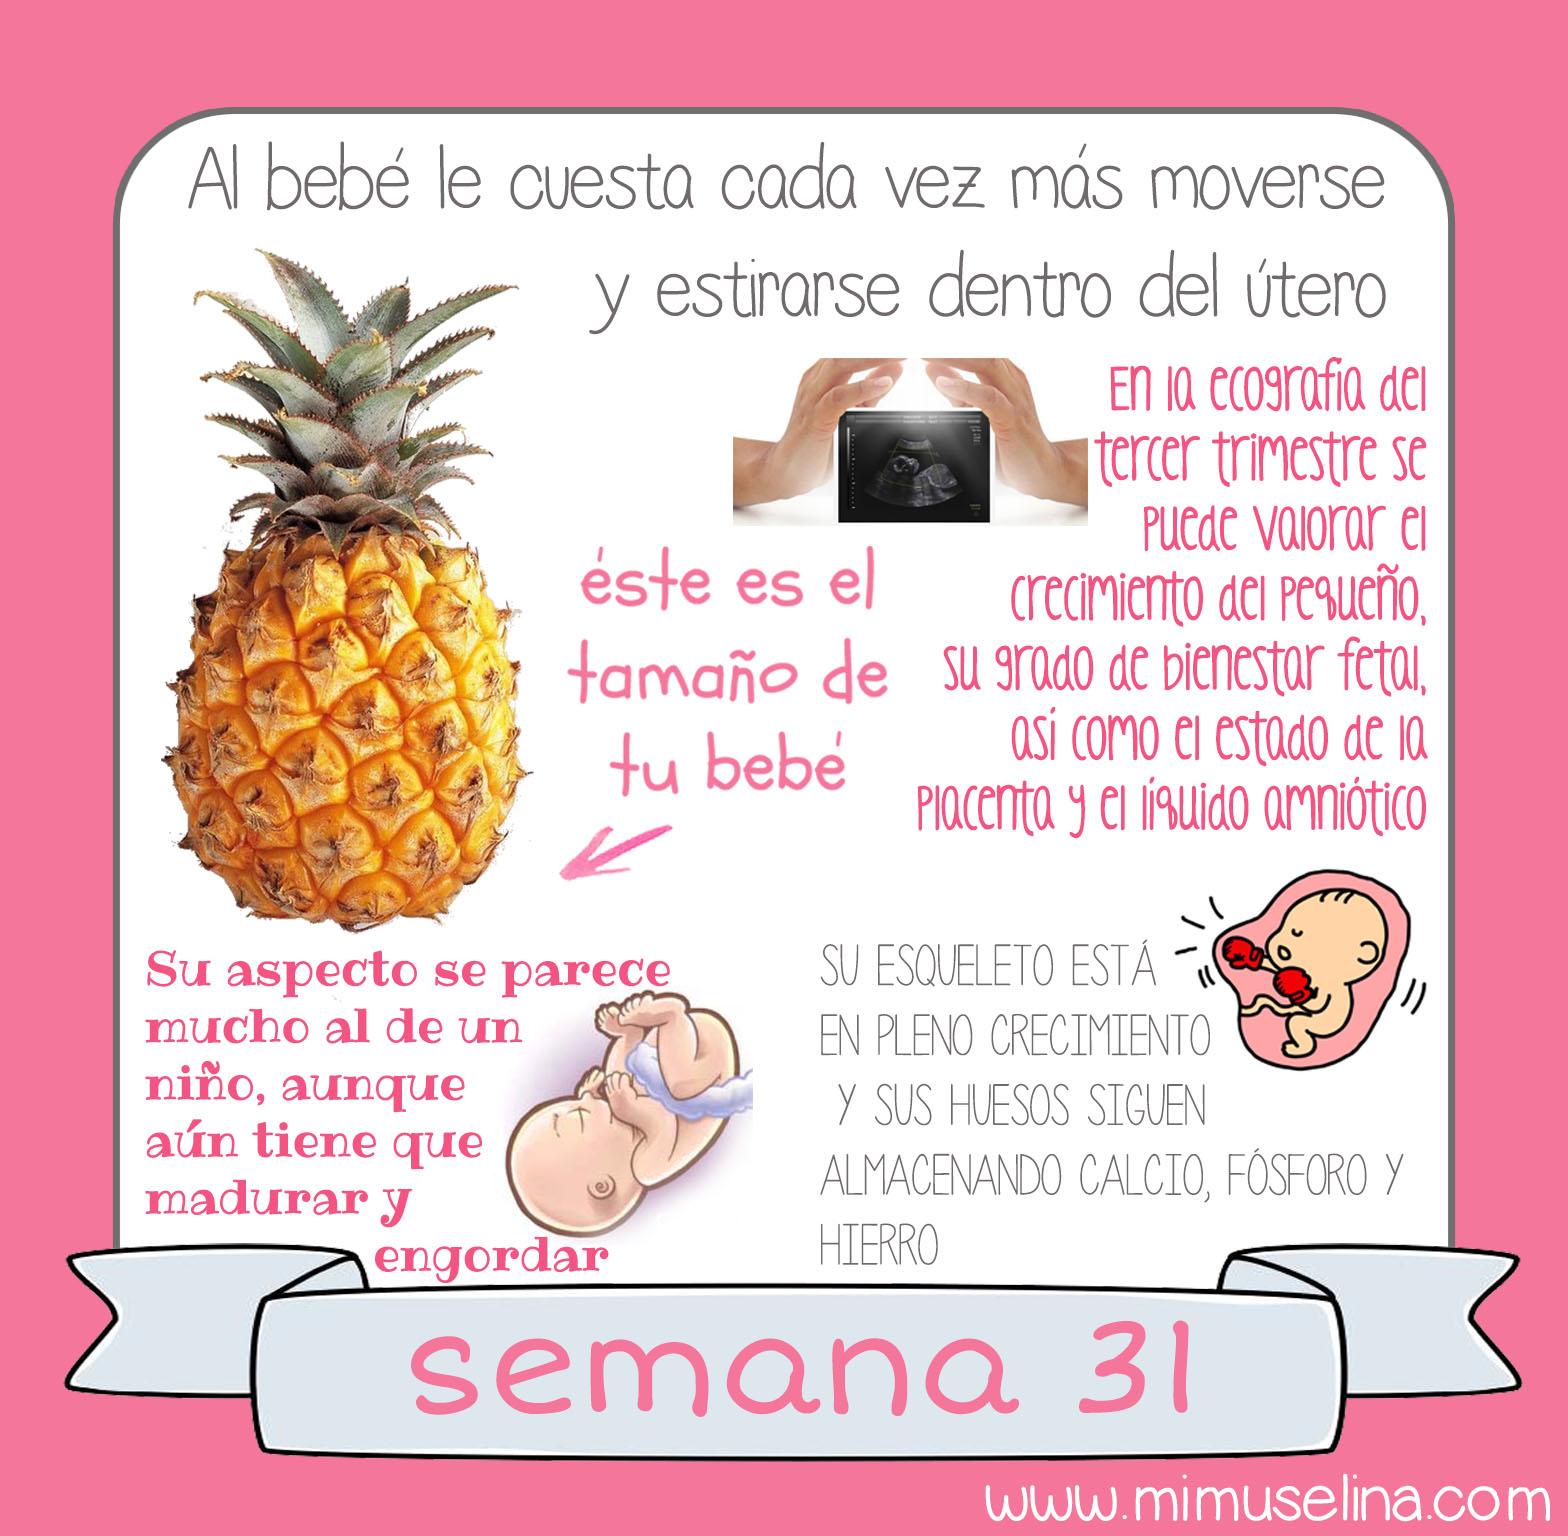 b3acd7b1d Tamaño y evolución del bebé  mimuselina. tu bebe semana a semana libro  diario album recuerdos embarazo semana 31 feto tamaño comparativa frutas